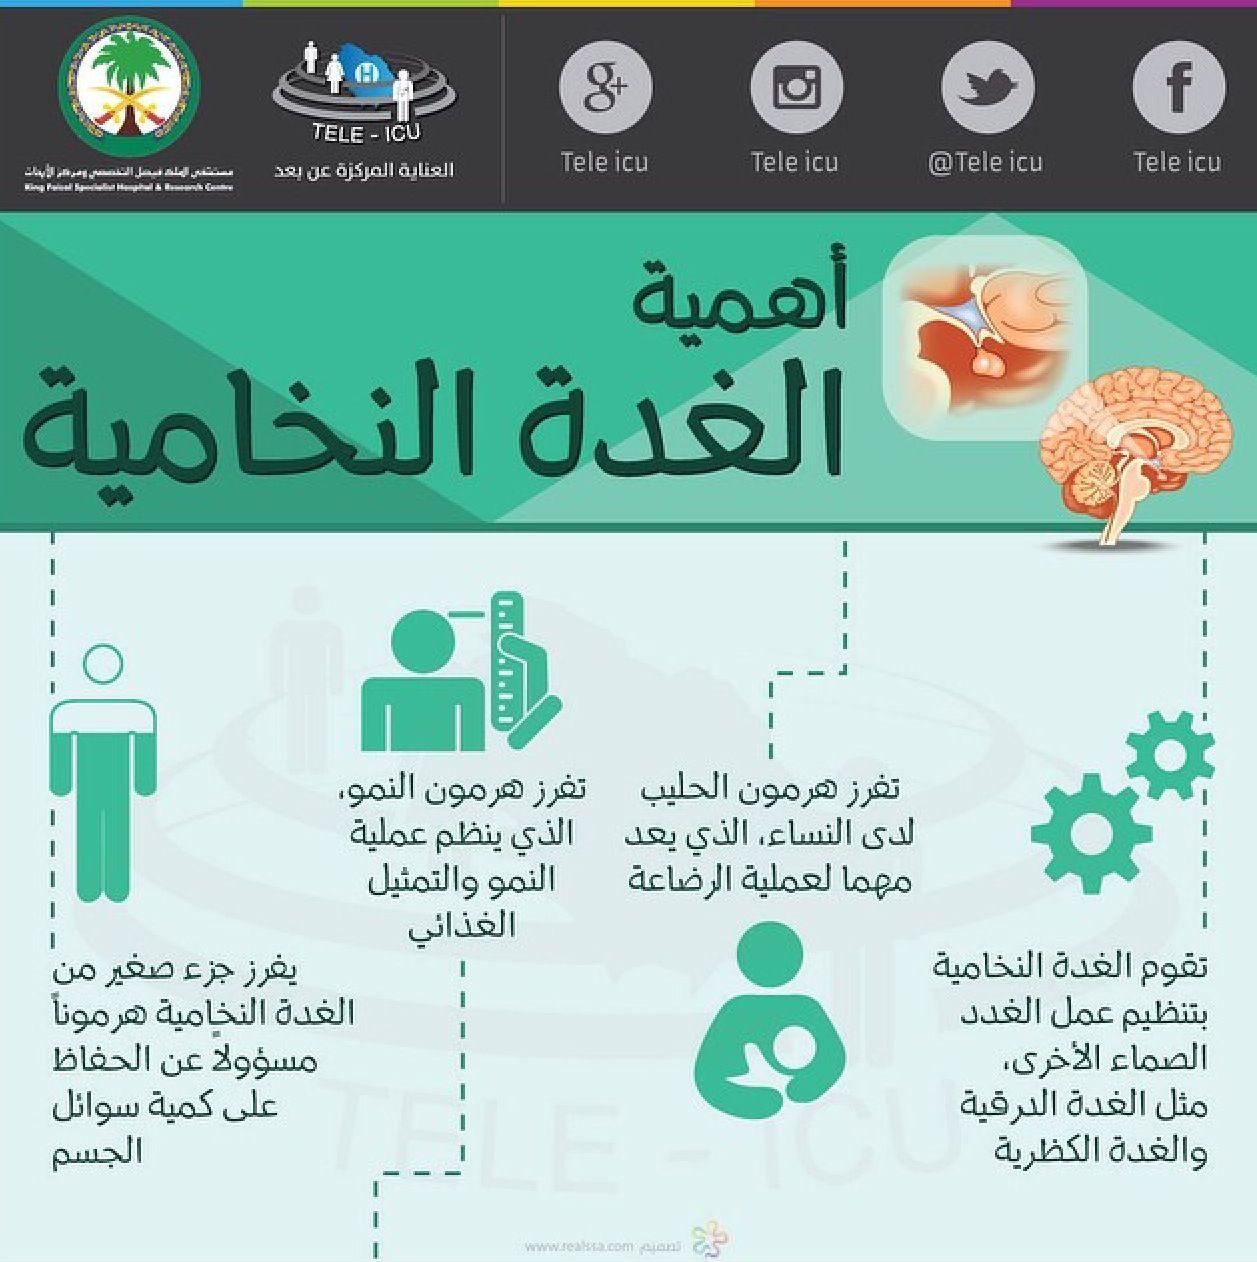 أهمية الغدة النخامية Health Personality Types Icu